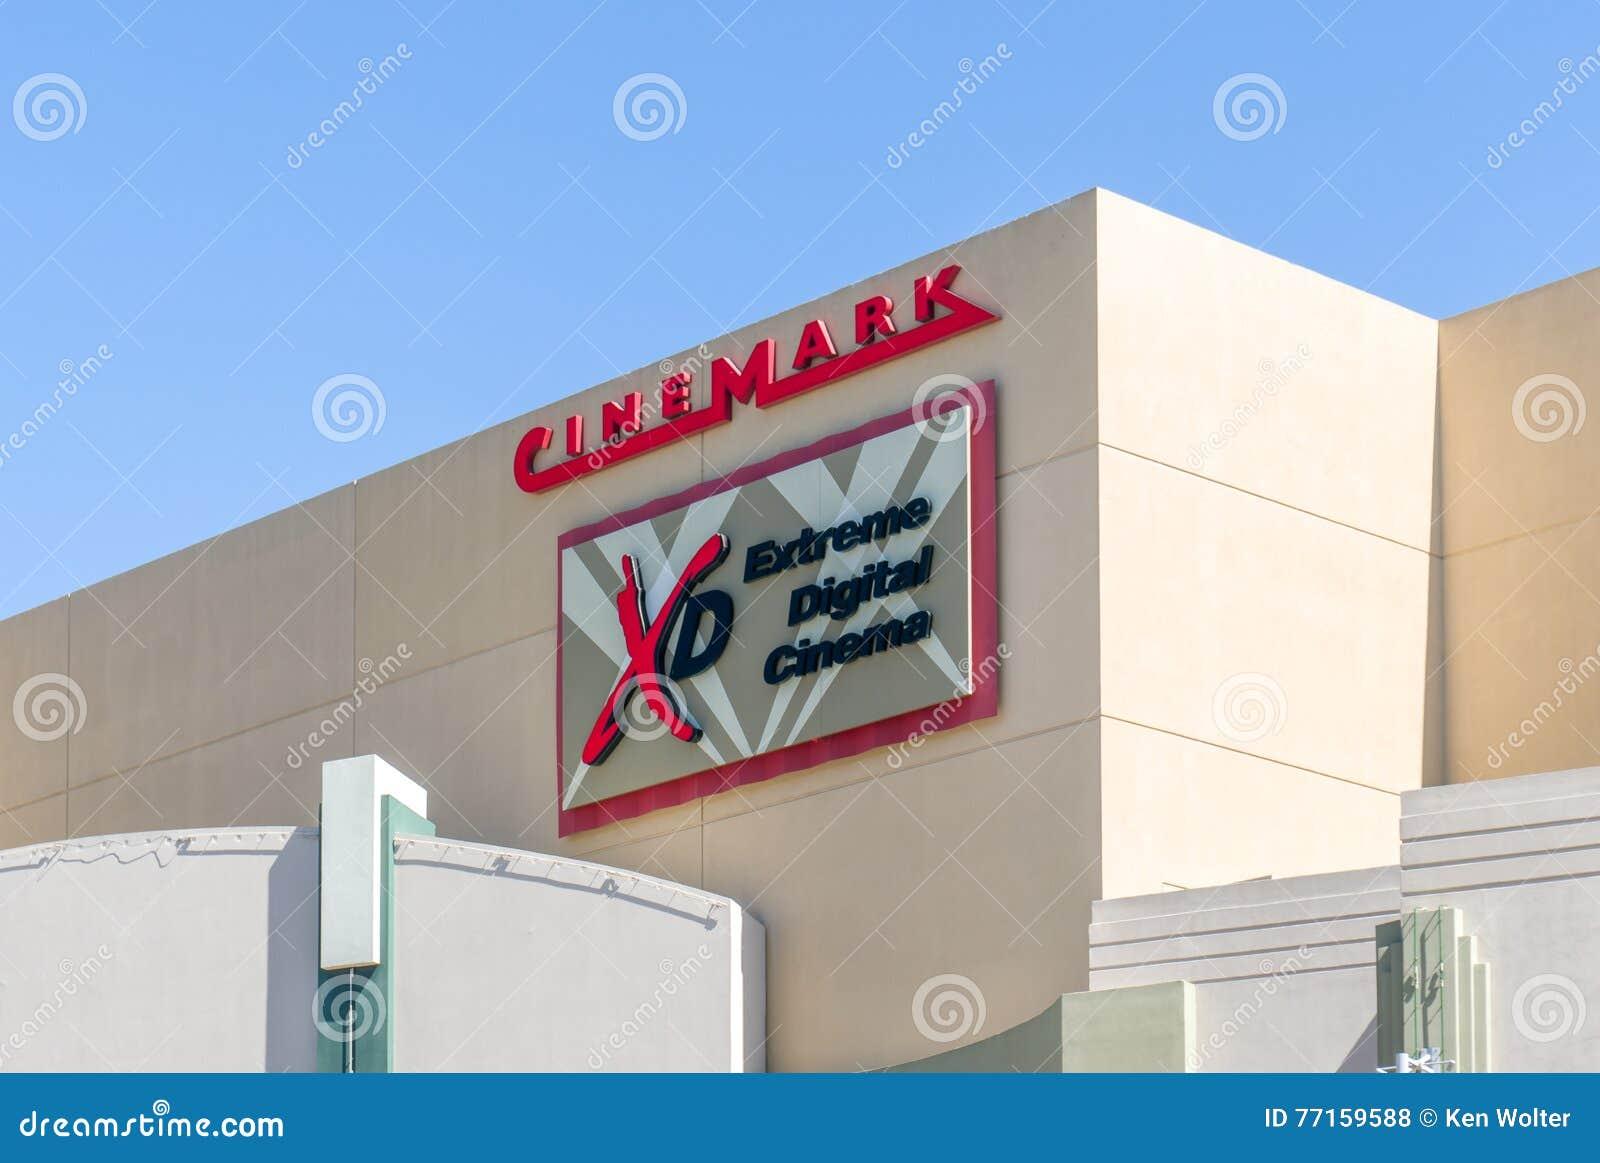 Extérieur et logo de salle de cinéma de Cinemark